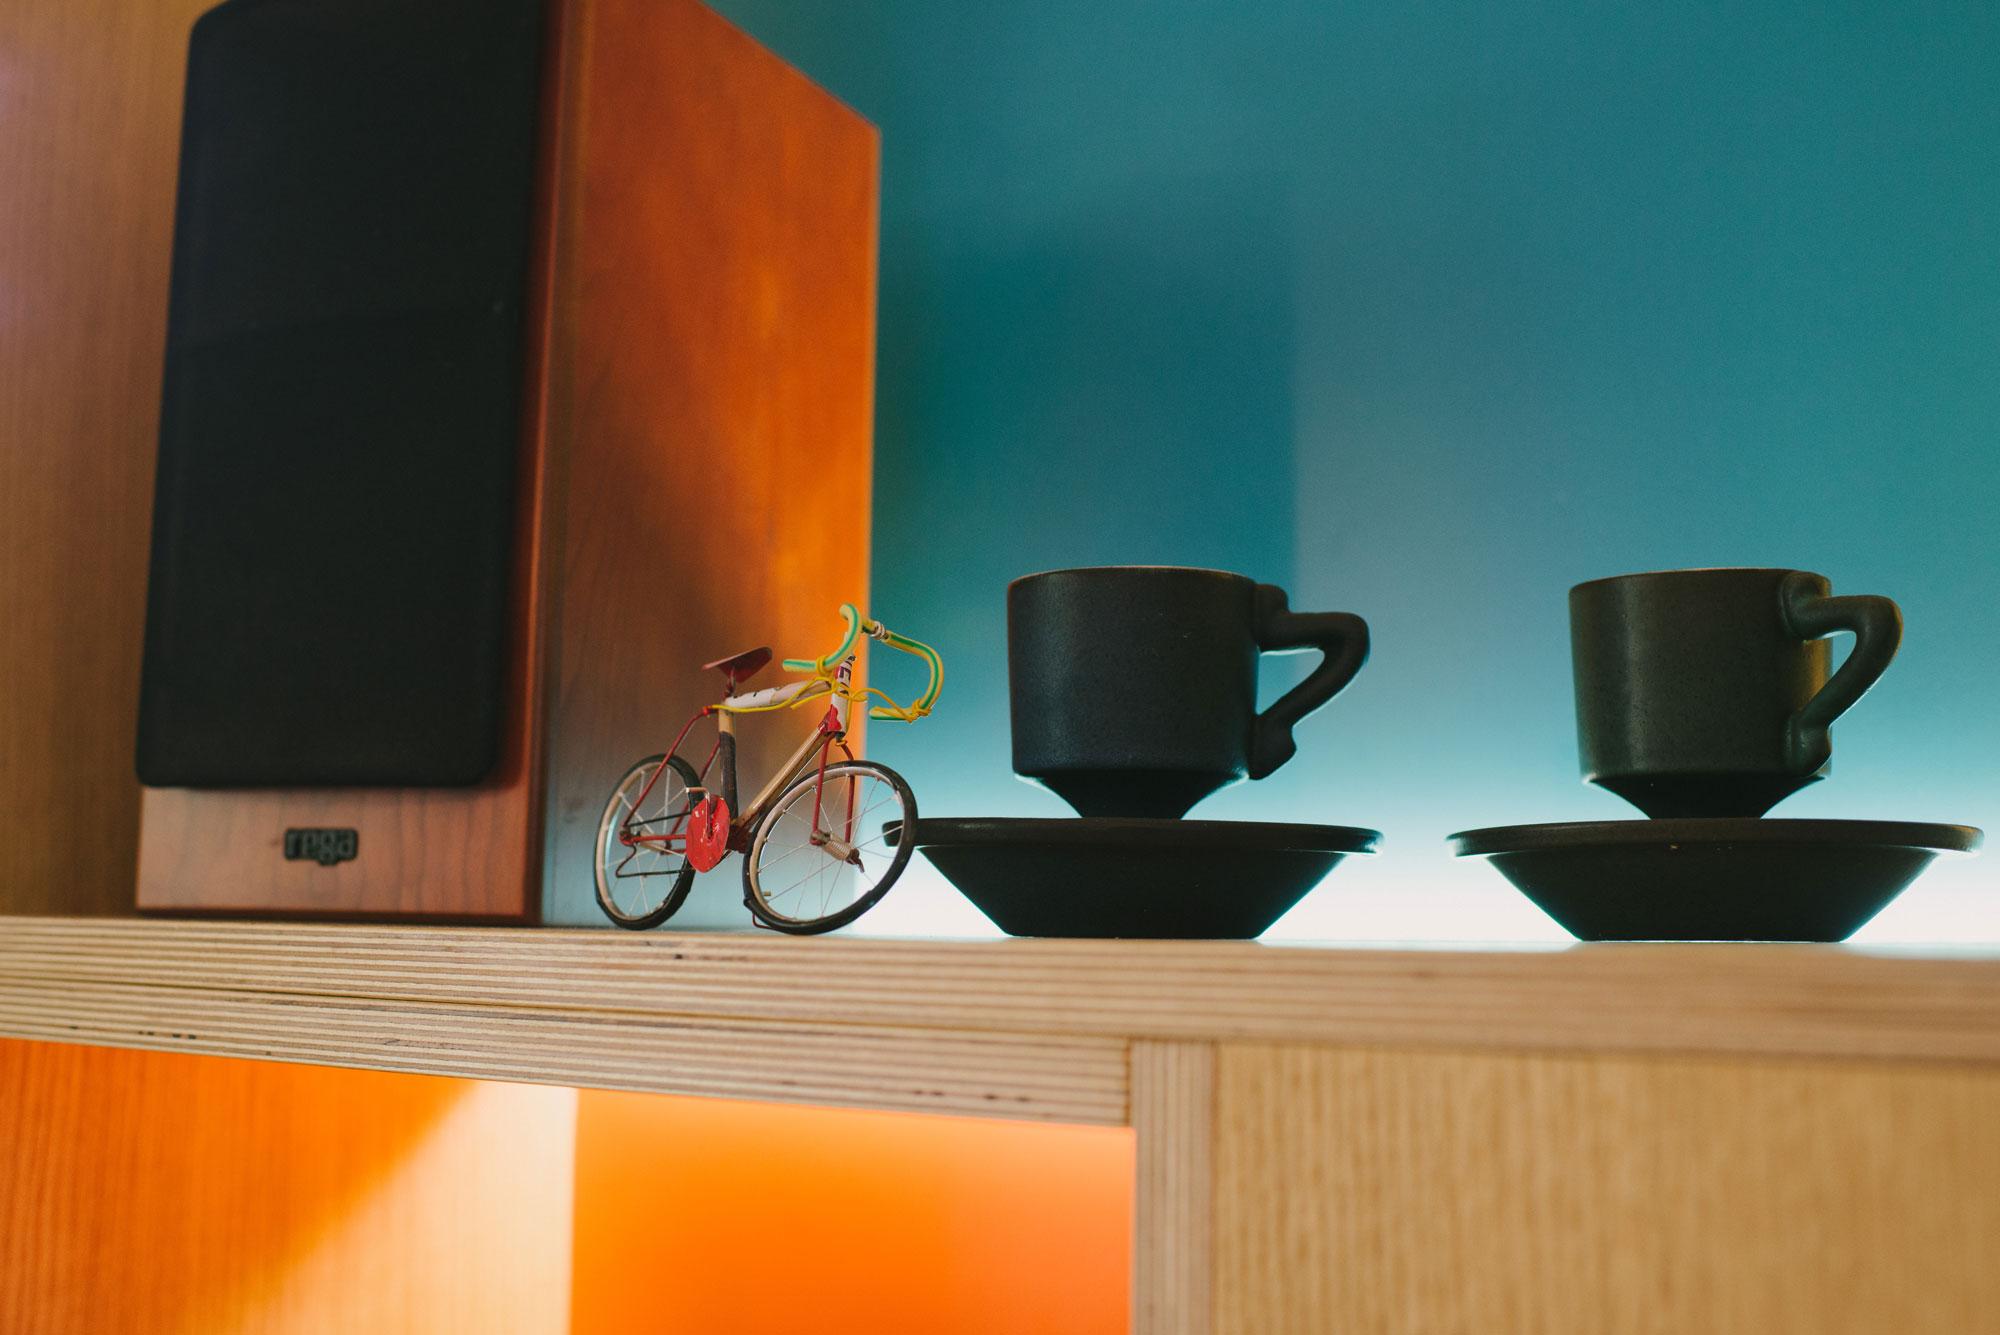 blue and orange plywood kitchen - shelving